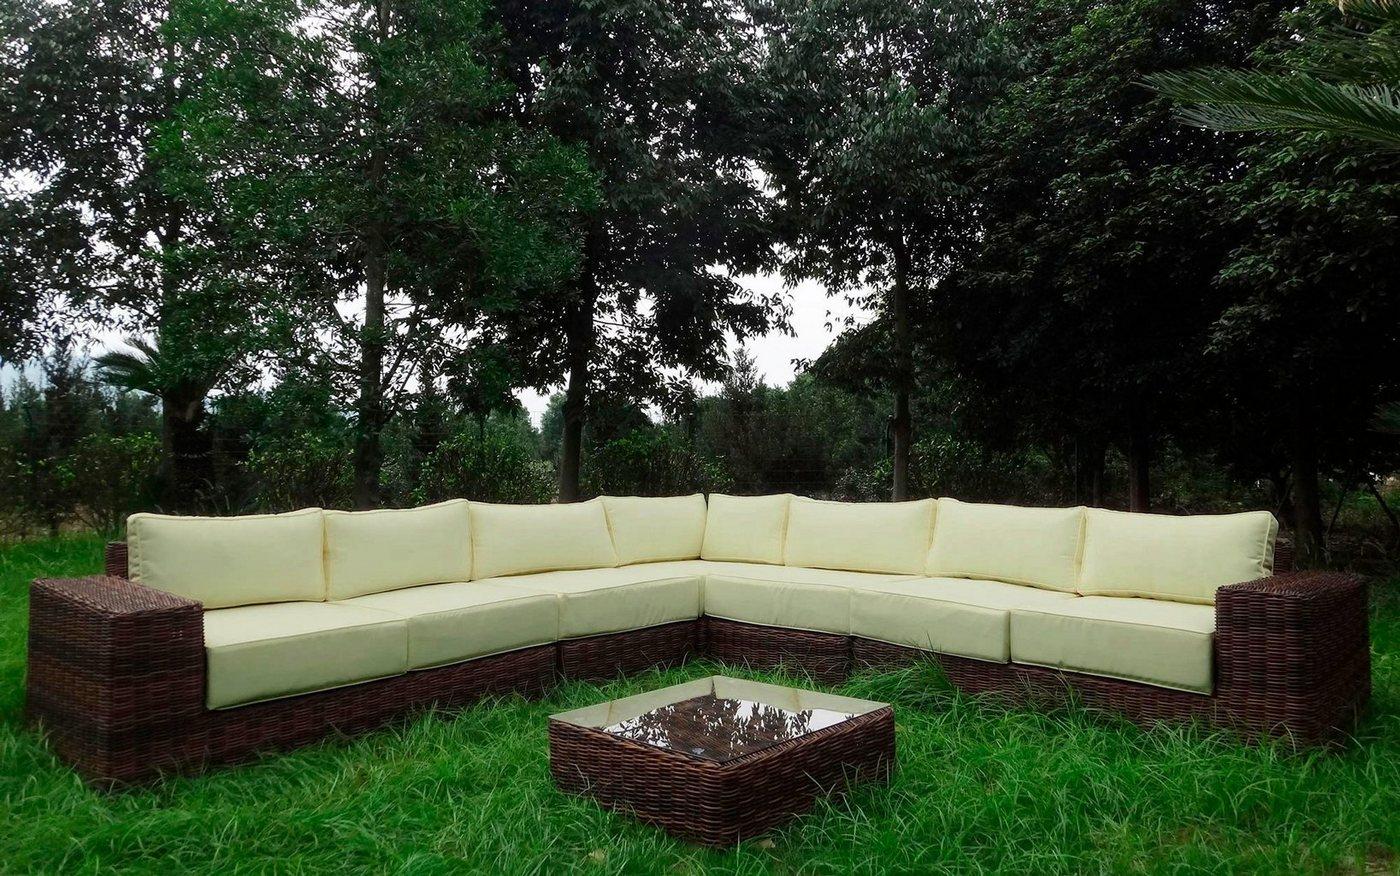 BAIDANI Loungeset »Sensation«, 20-tlg., Ecklounge, Tisch 67x67x40 cm, Polyrattan | Garten > Gartenmöbel > Gartenmöbel-Set | Braun | Baidani